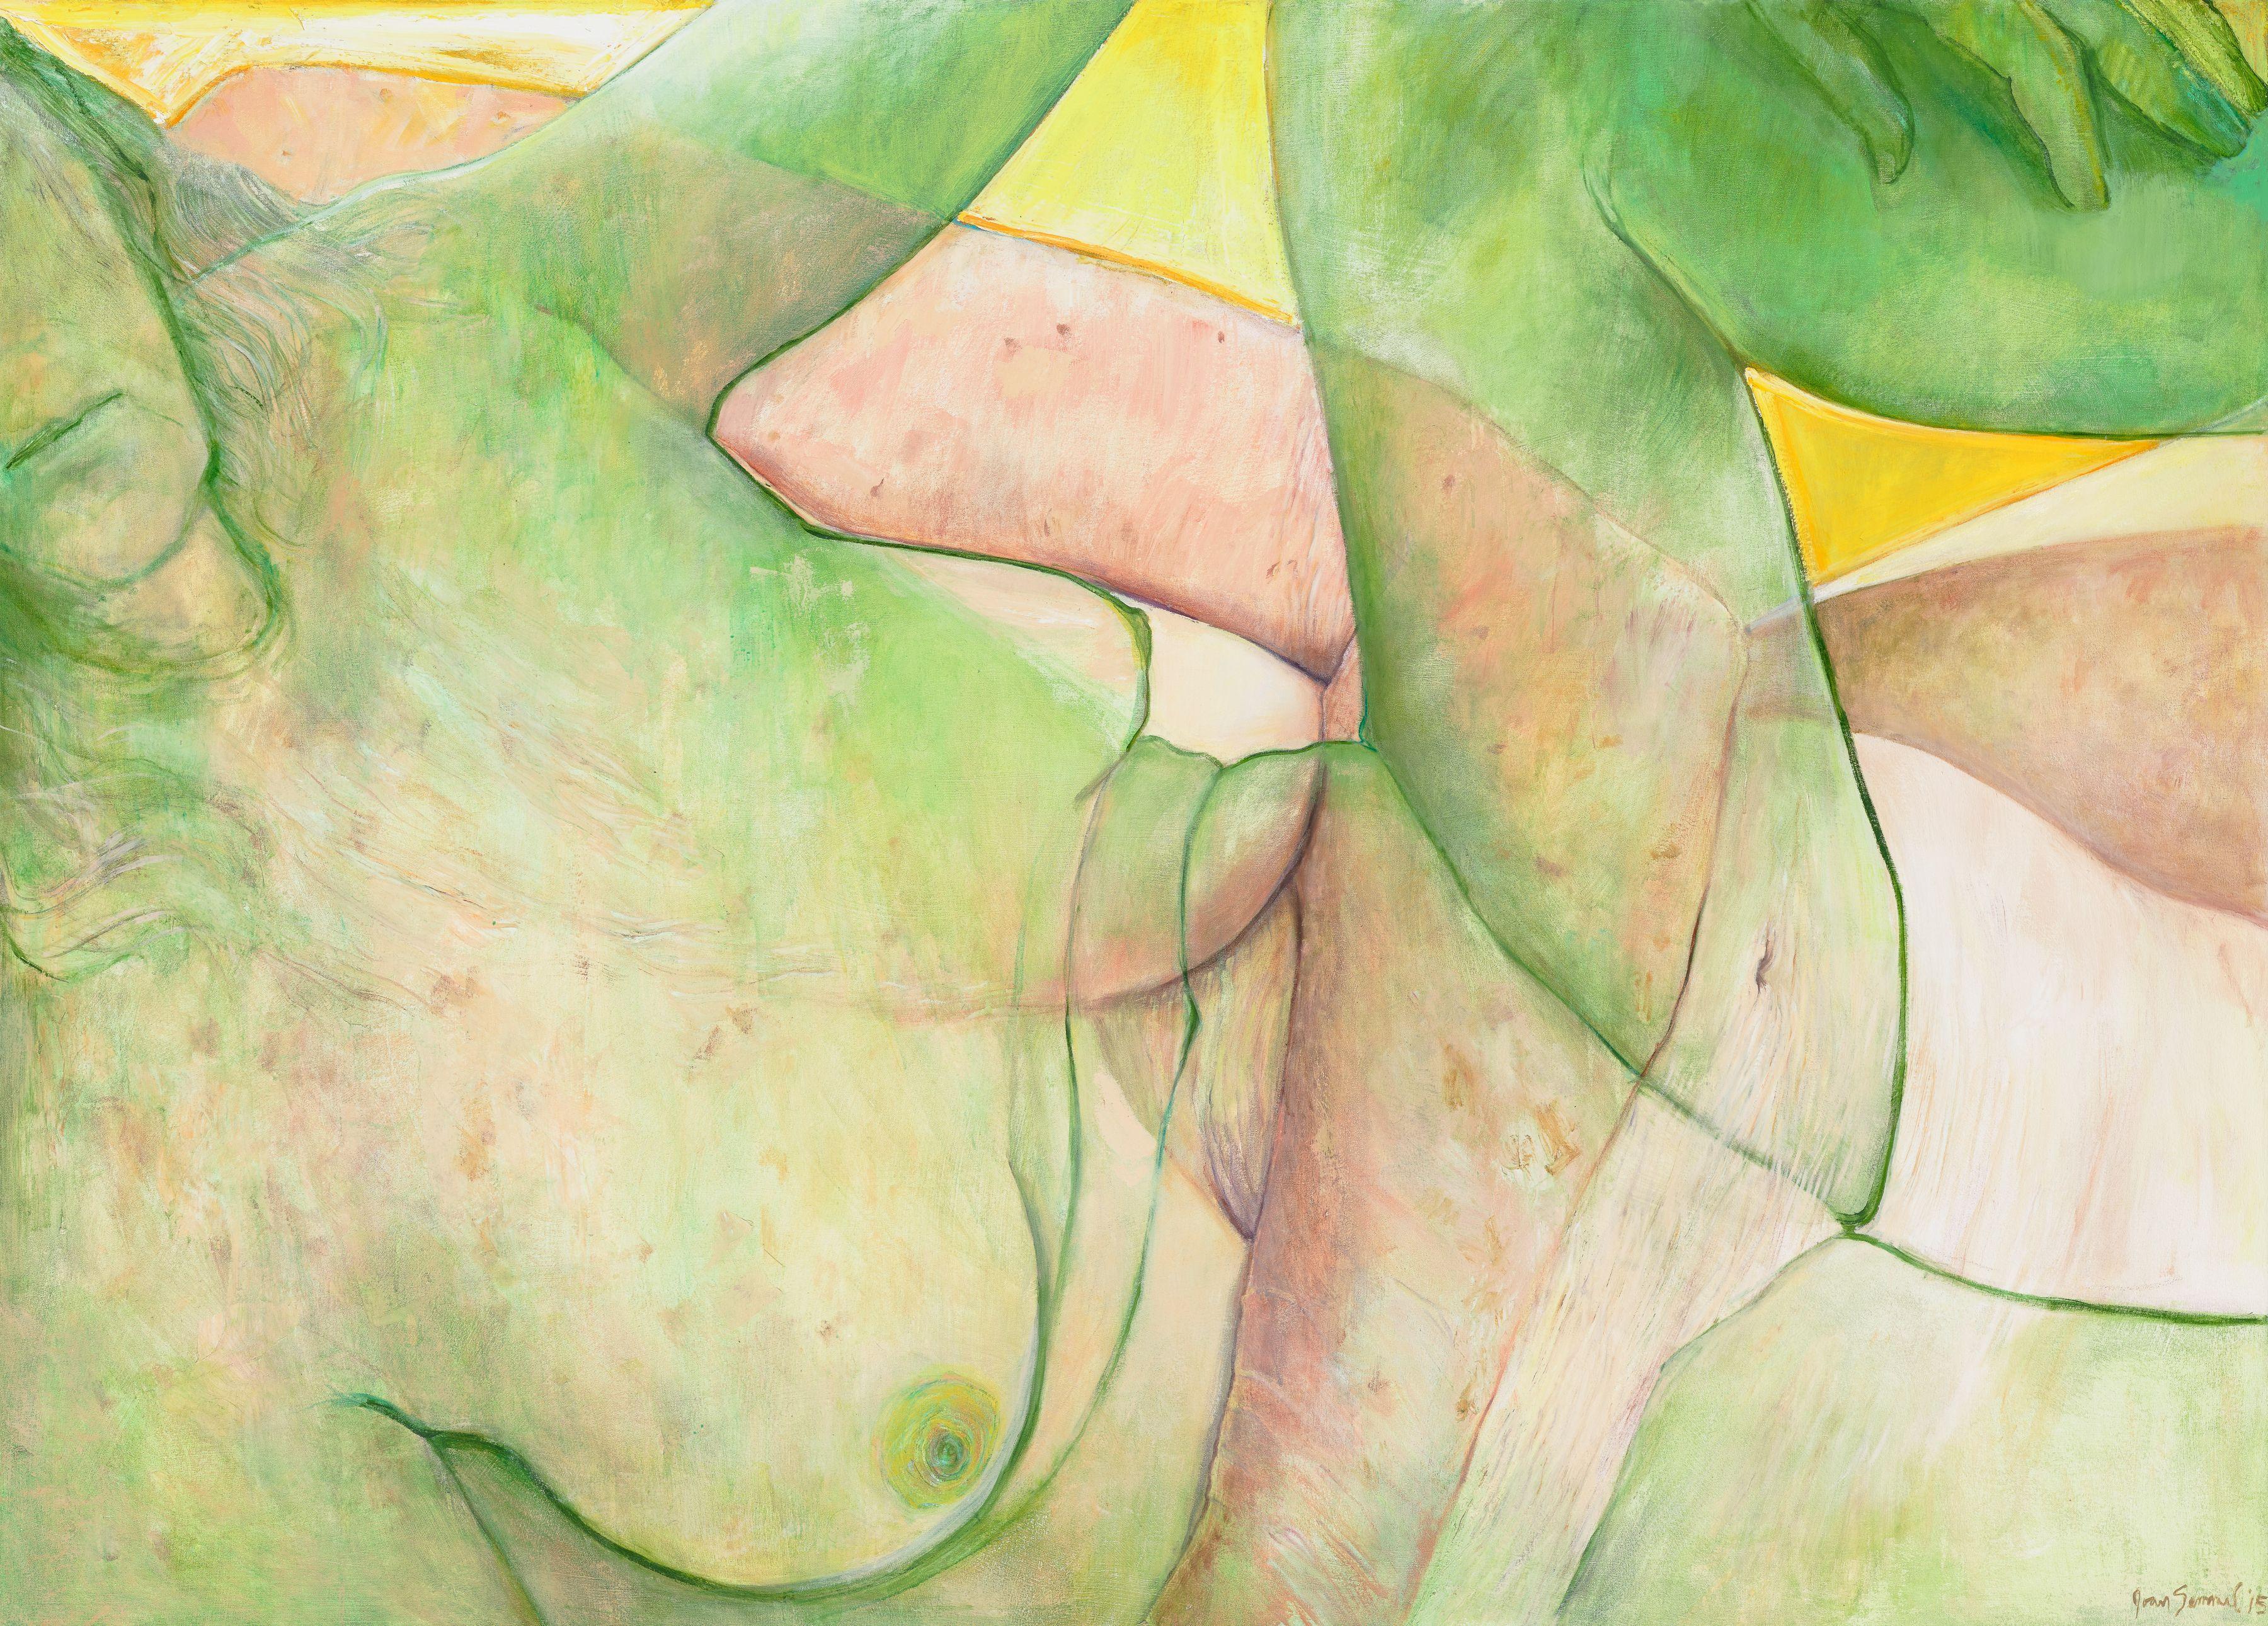 Joan Semmel, Yellow Sky, 2015